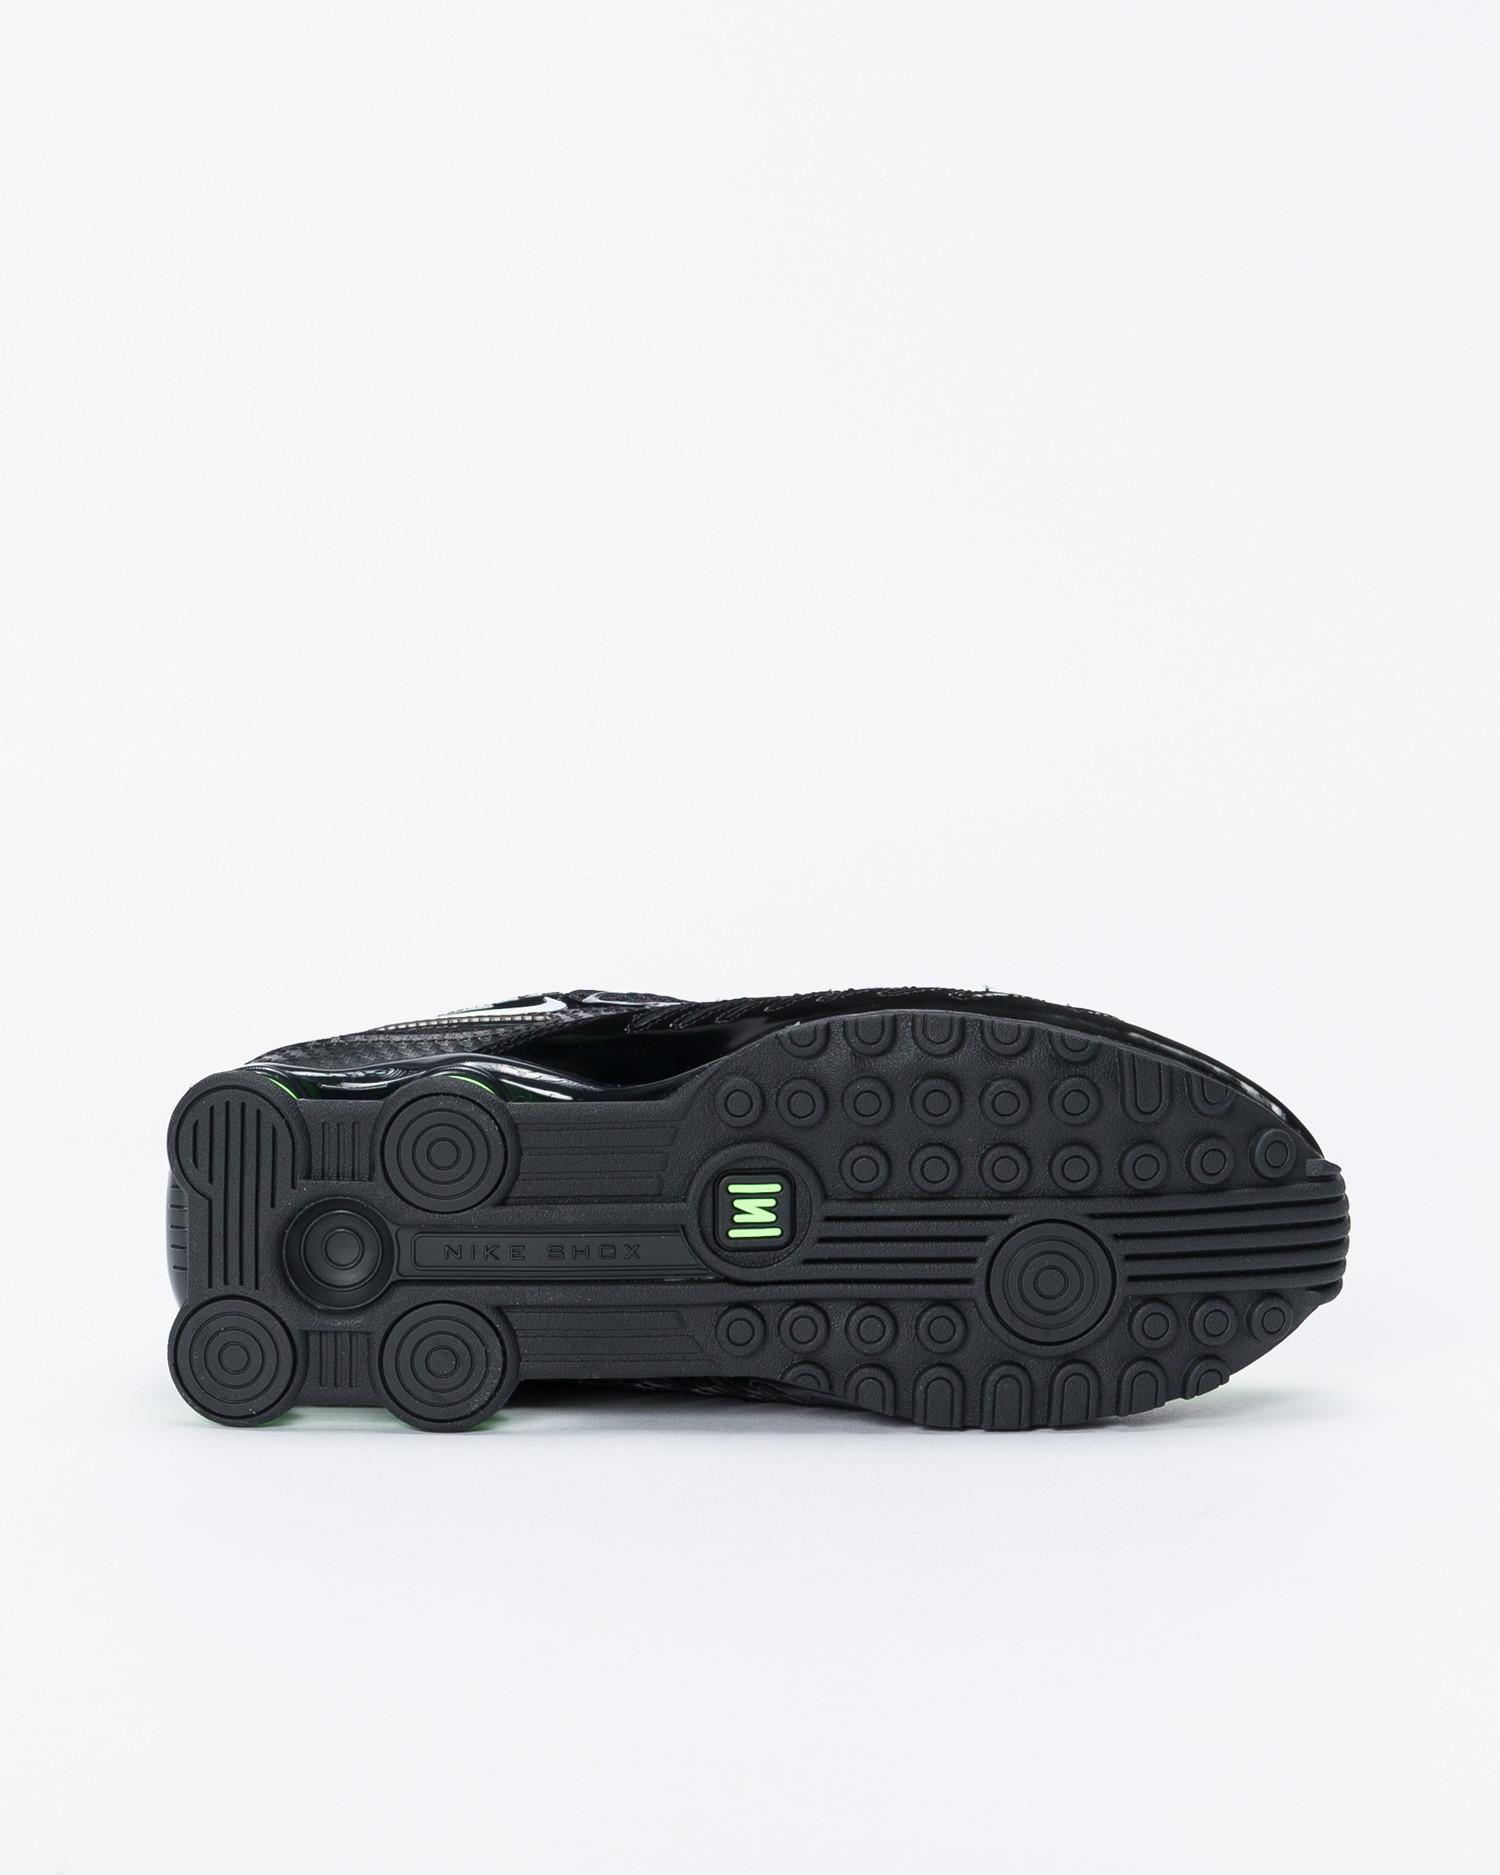 Nike Shox Enigma 9000 Black/black-lime blast